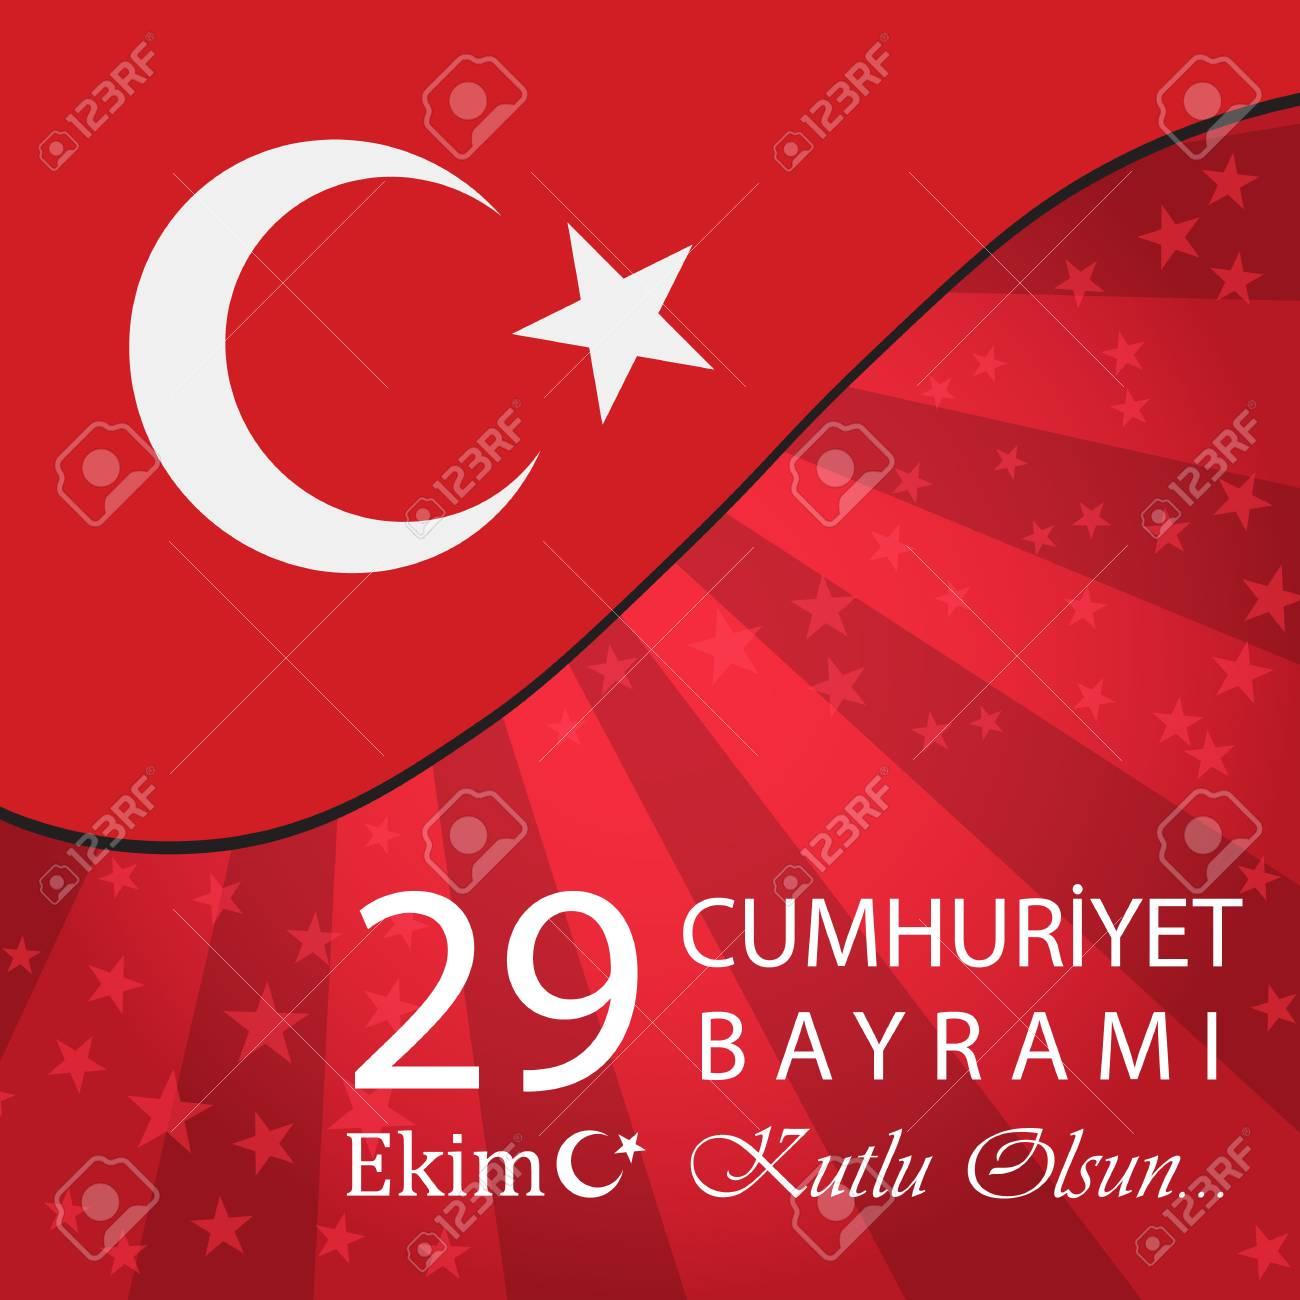 29 Ekim Cumhuriyet Bayrami  Turkish meaning:October 29 Republic